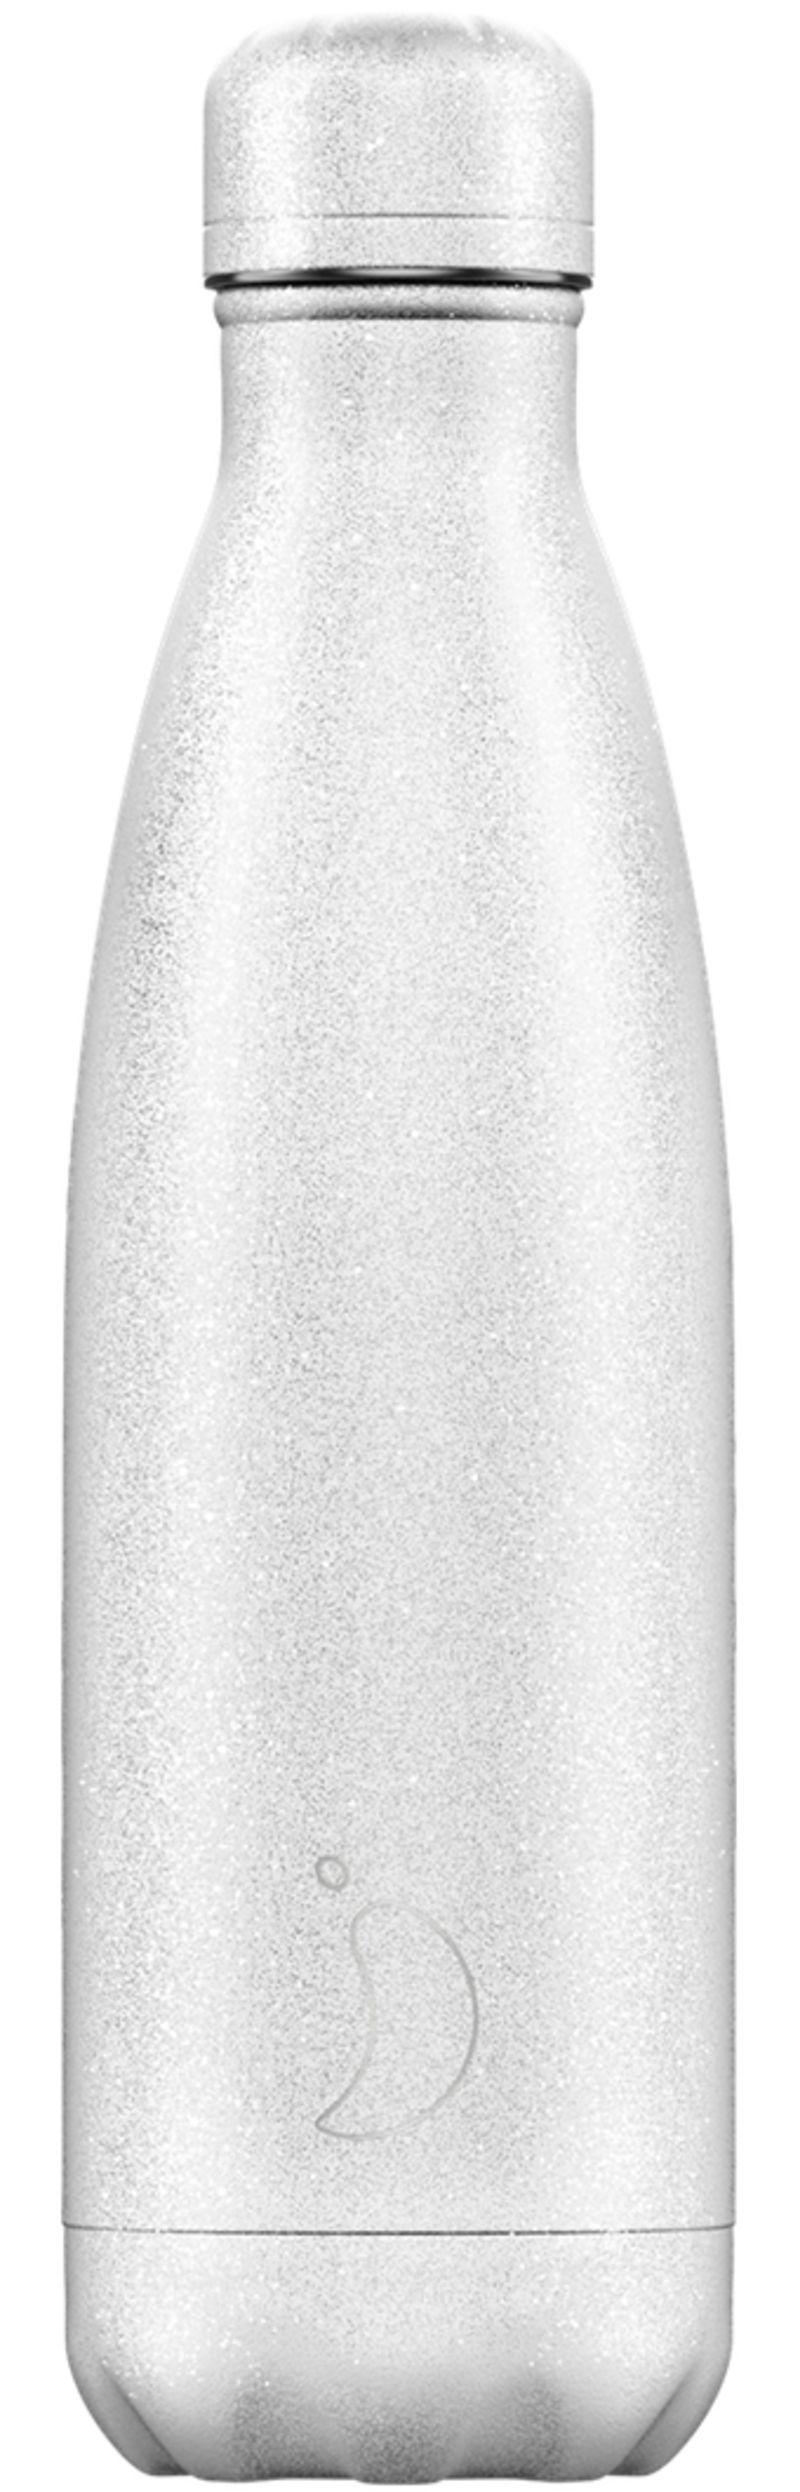 Botella Inox Glitter Blanca 500ml -